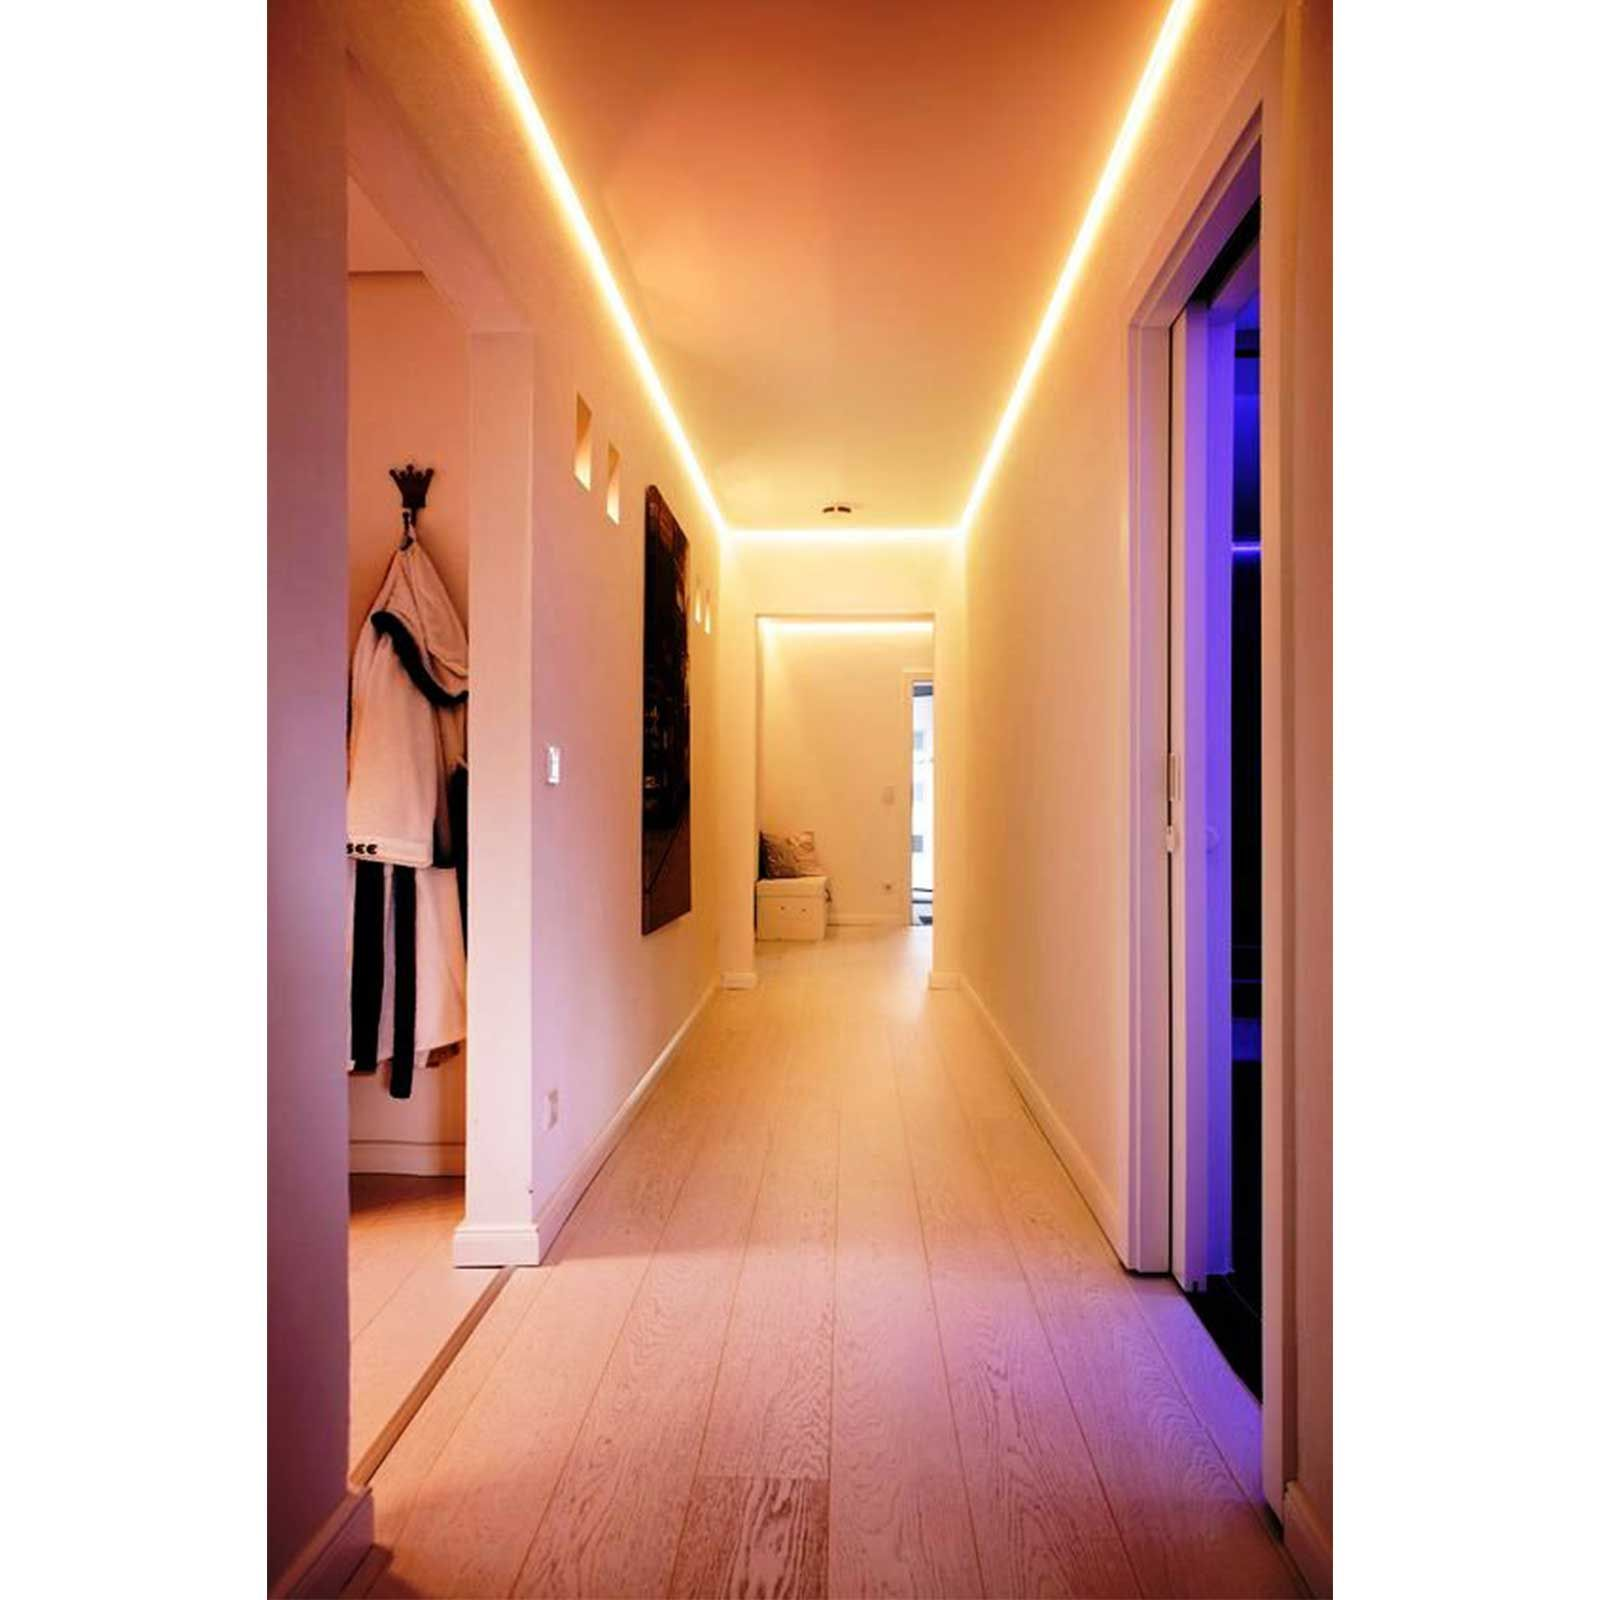 Led Alu Profil Kizar Von Alupona Mit Einfachen Mitteln Ein Beruhigendes Umweltfreundliches Zuhause Schaffen Led Be Instandhaltungsarbeiten Led Beleuchtung